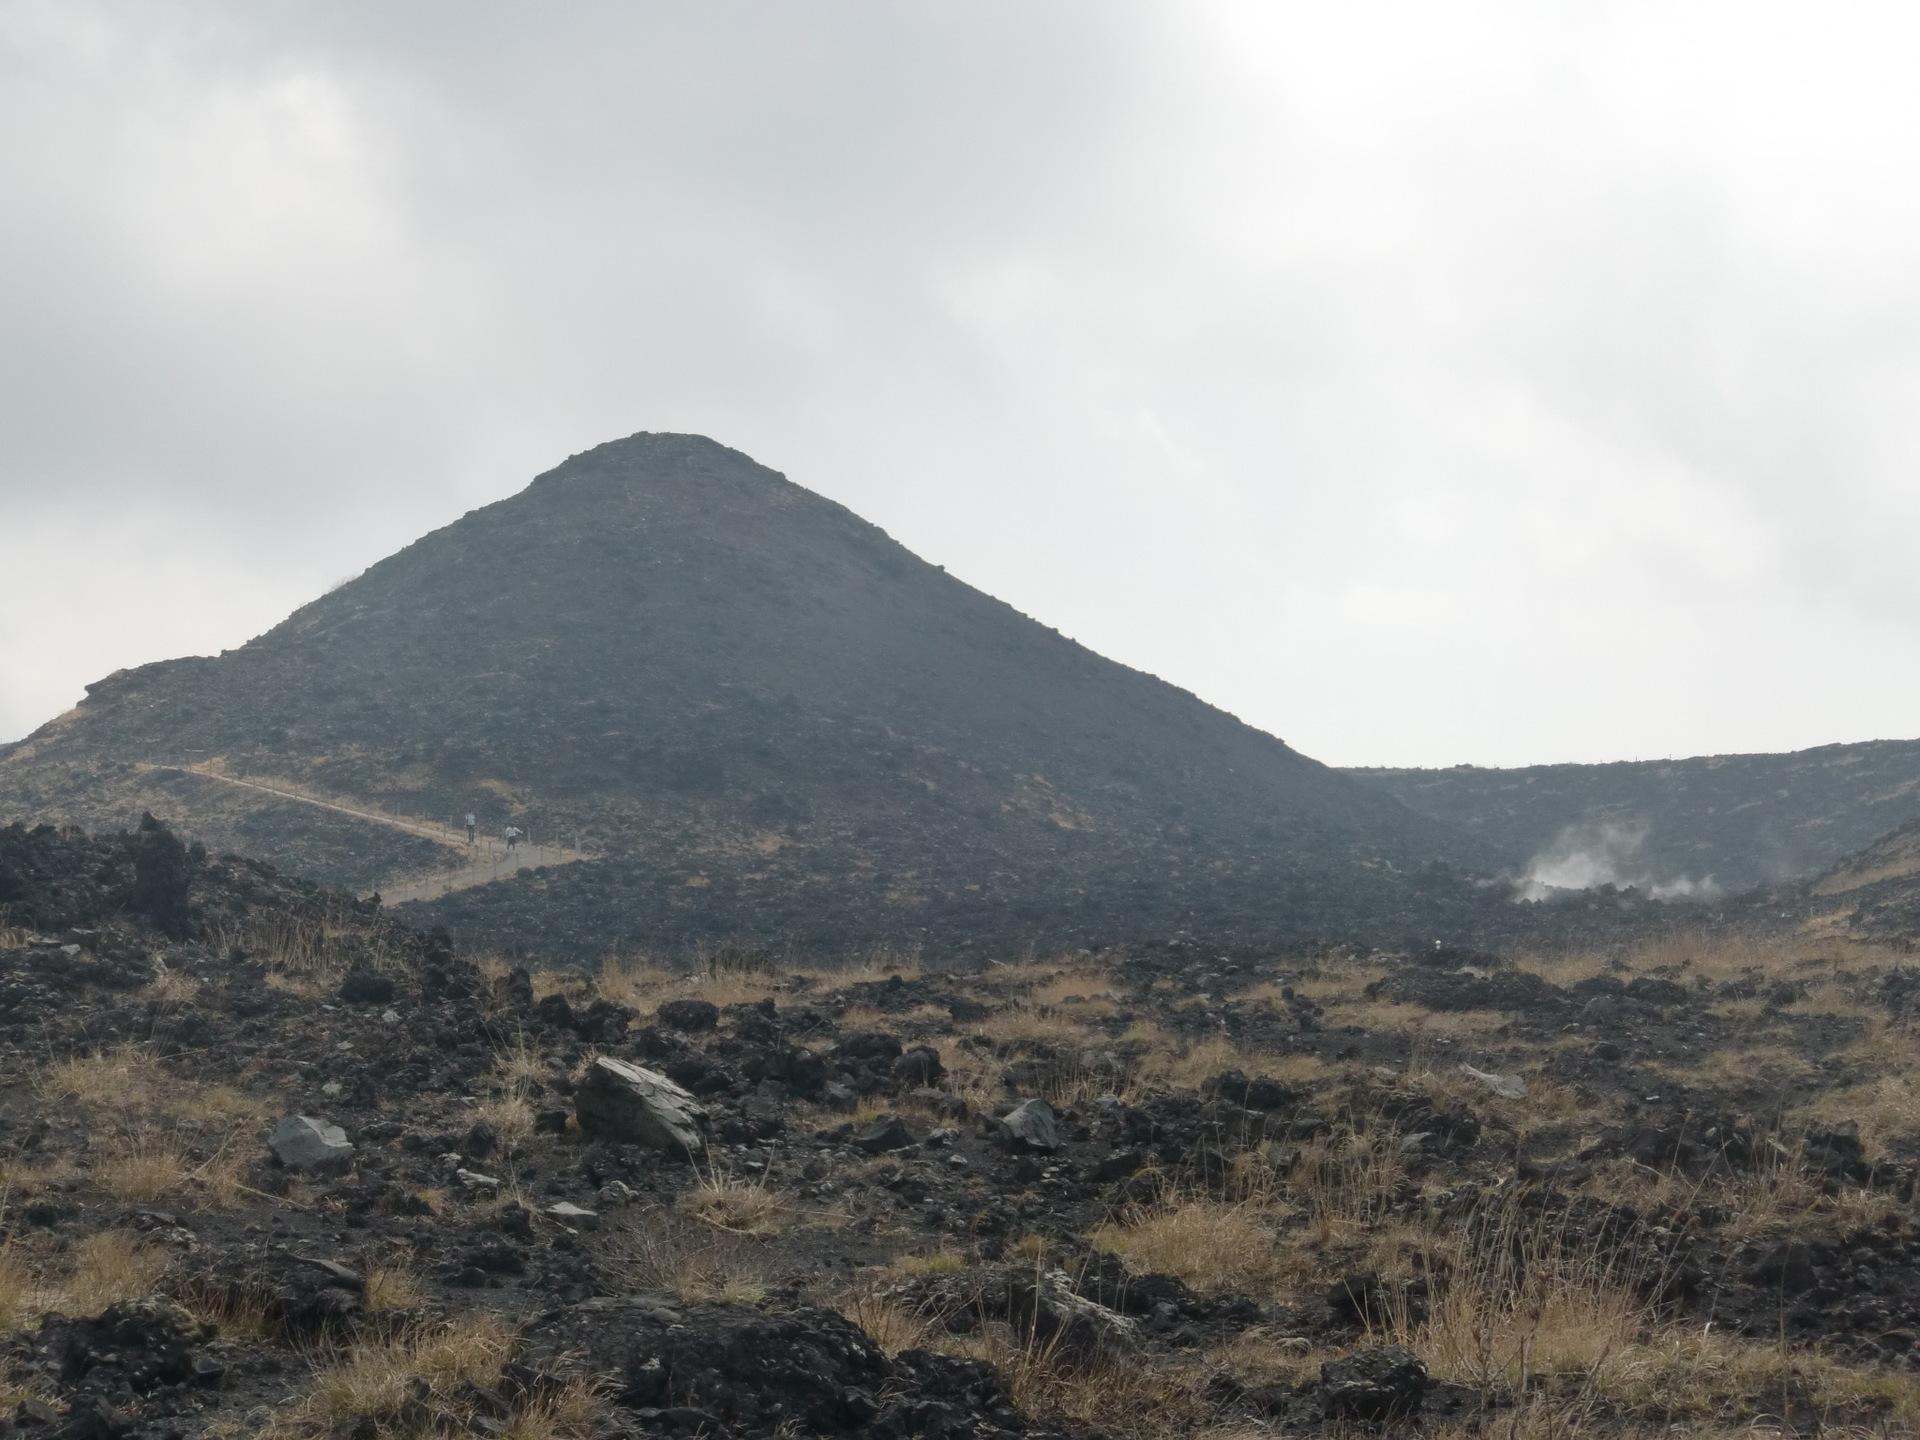 伊豆大島観光・・・その1 三原山: 伊豆からのレポート